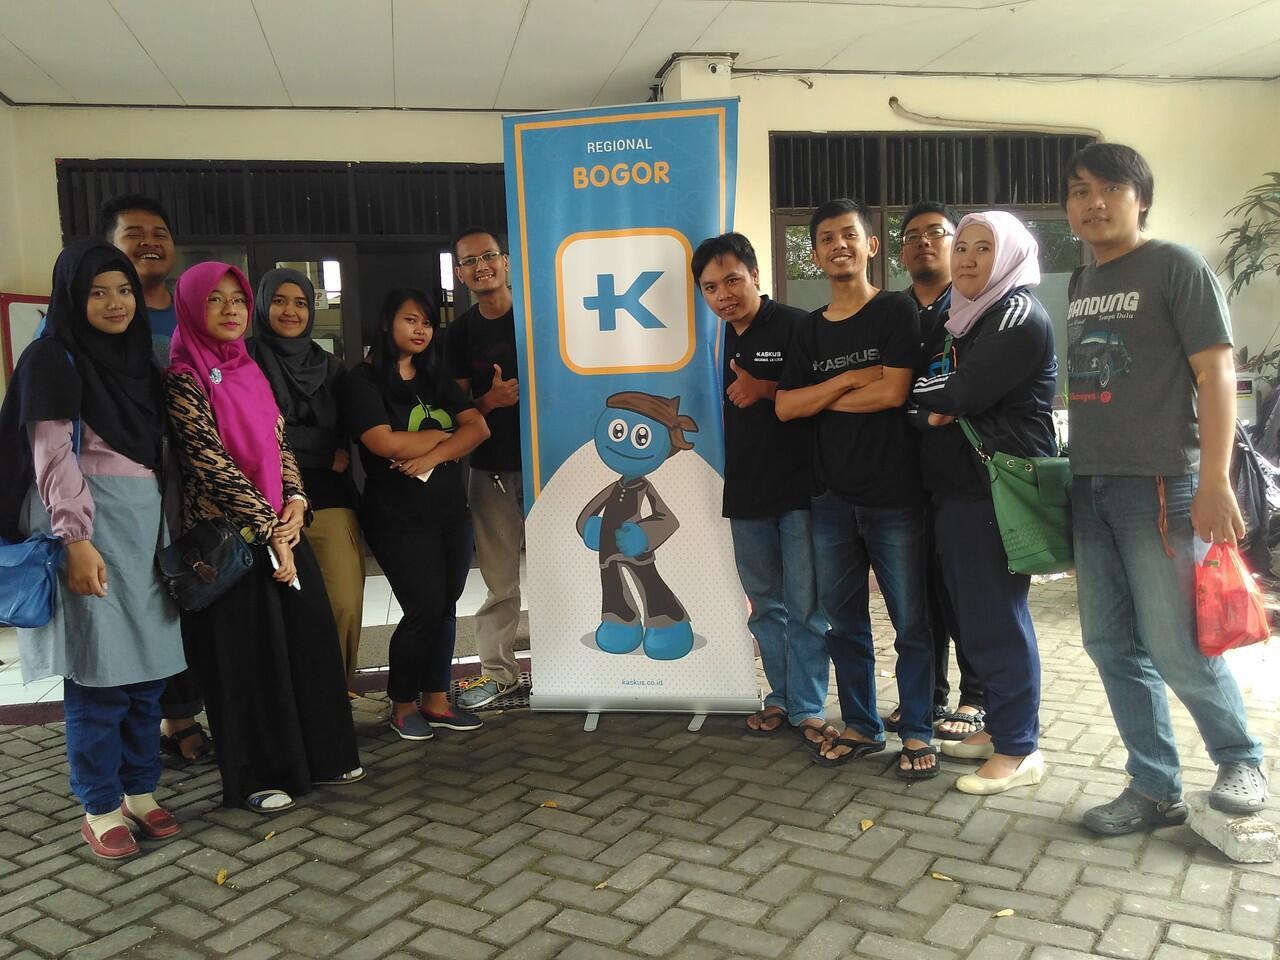 [invitation] Donor Darah Bersama Regional Bogor edisi #11